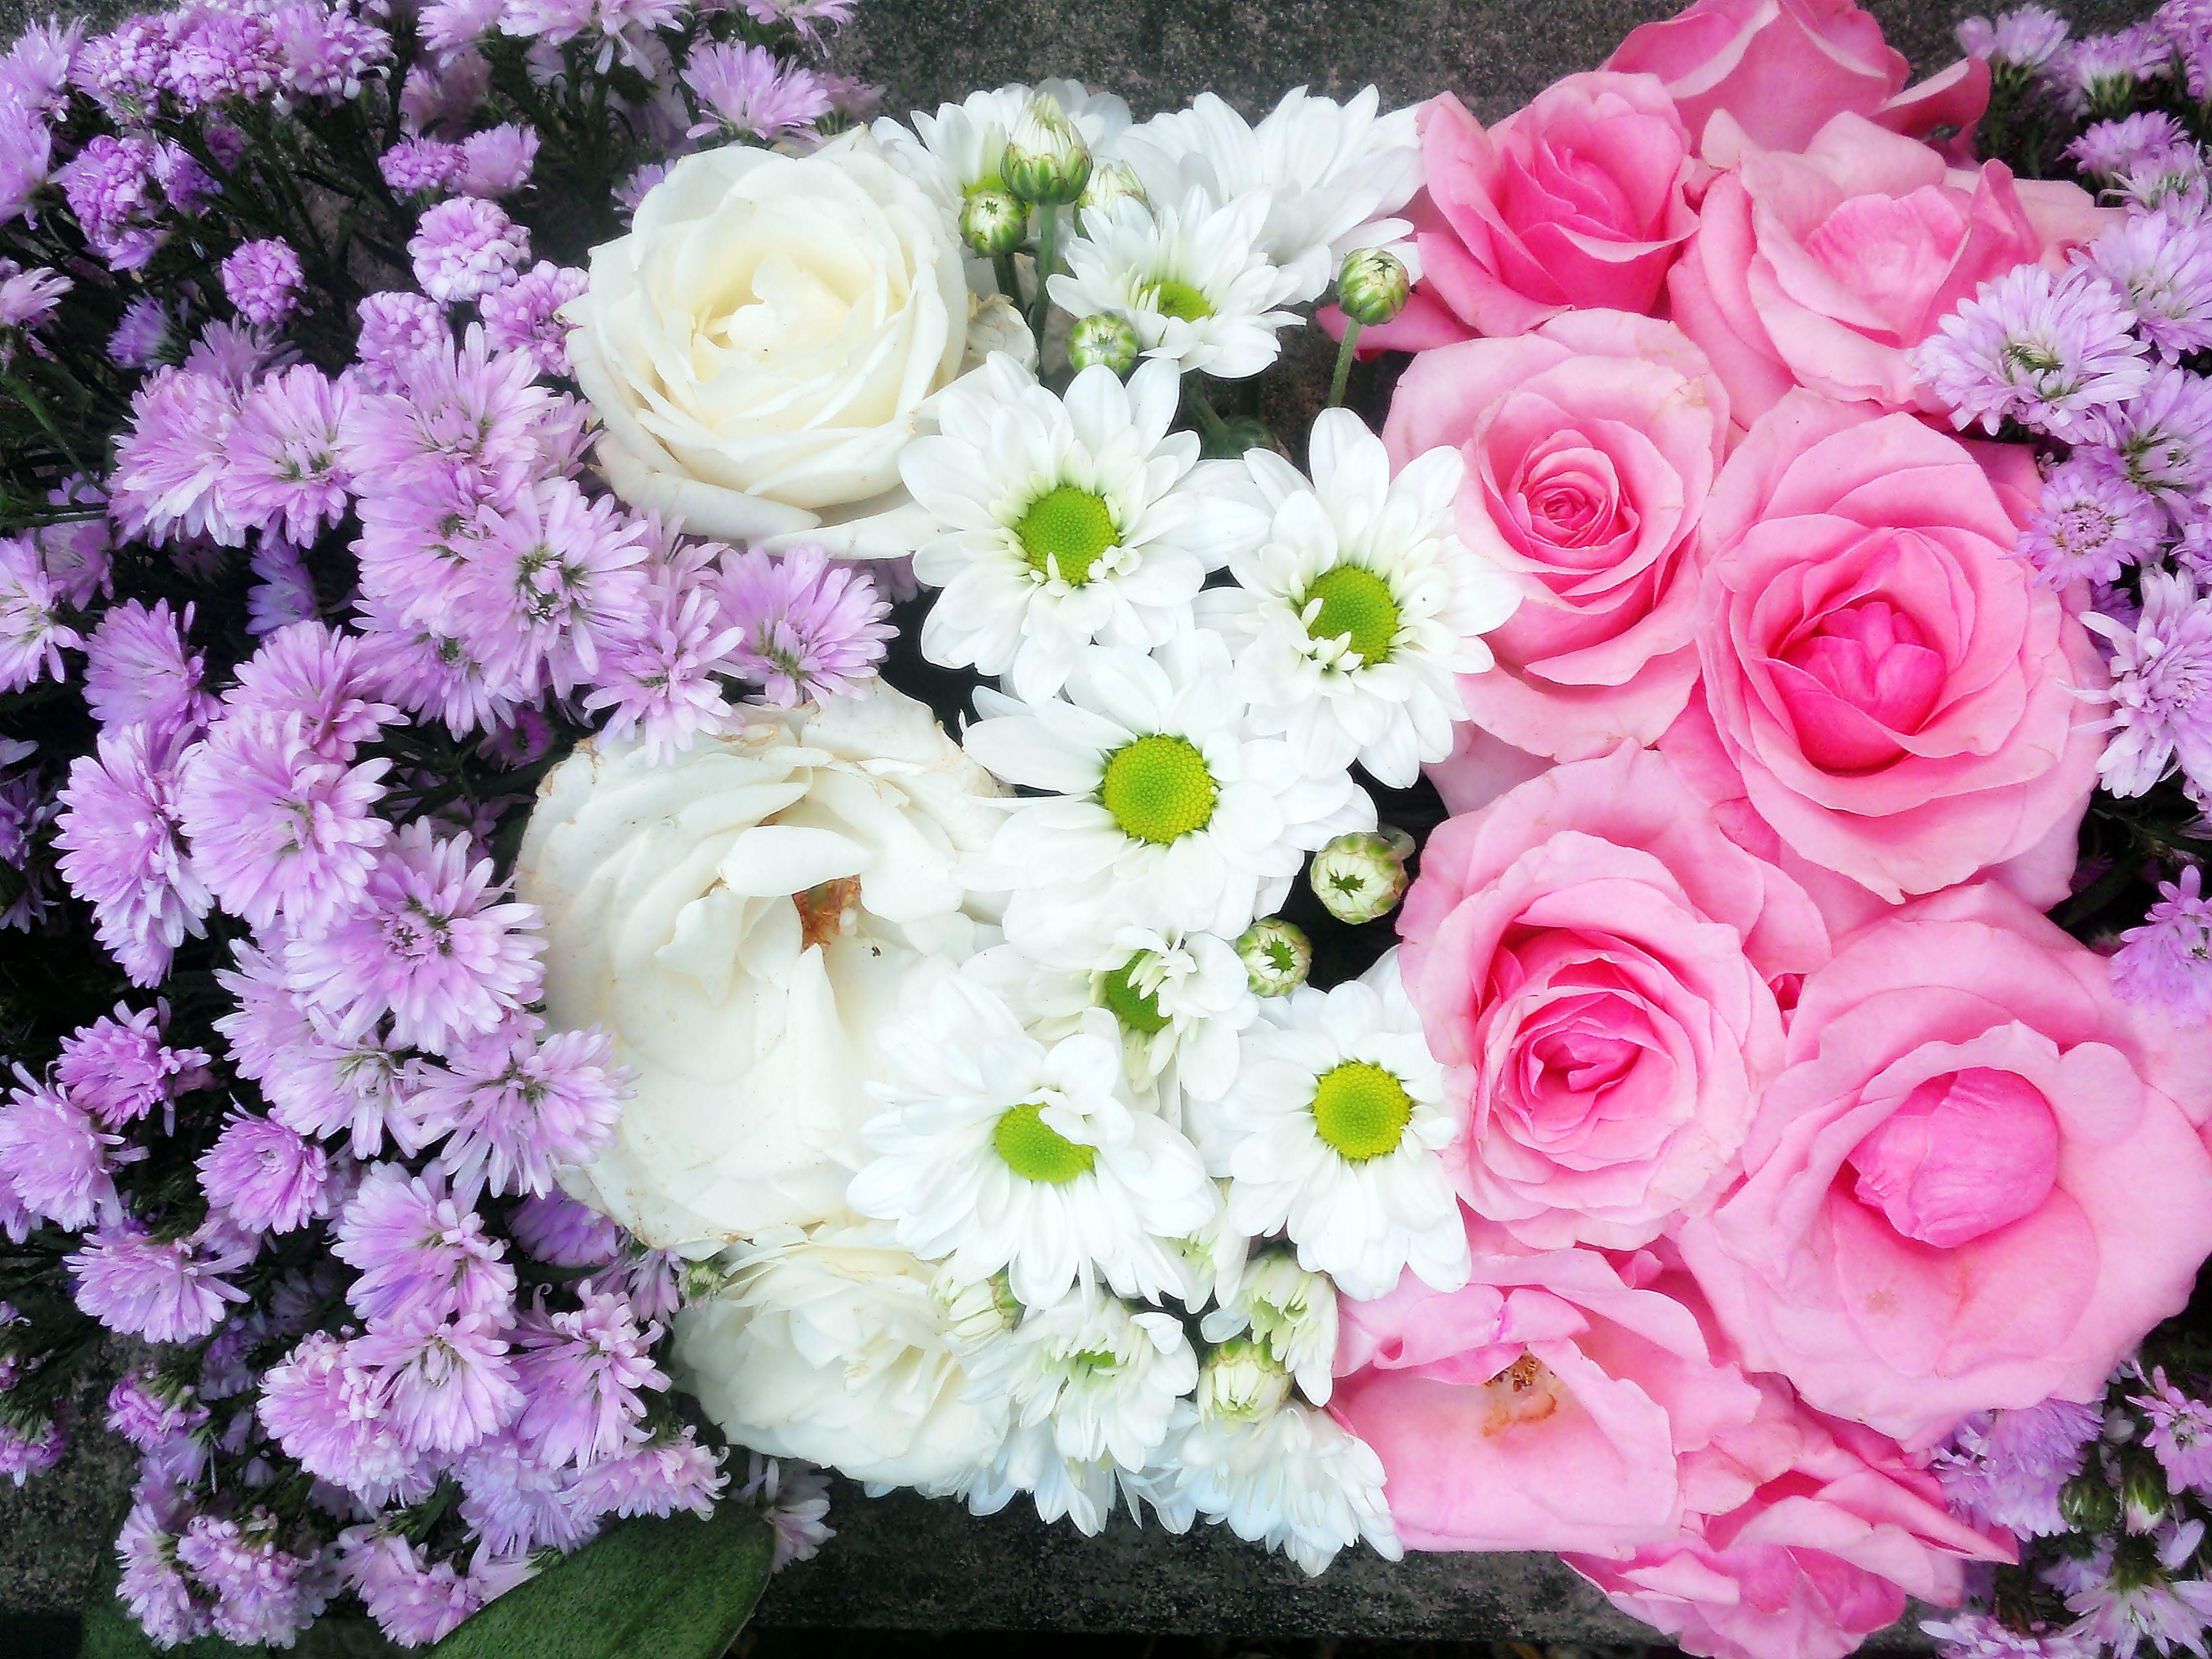 Rangkaian Bunga Yang Indah Rangkaian Bunga